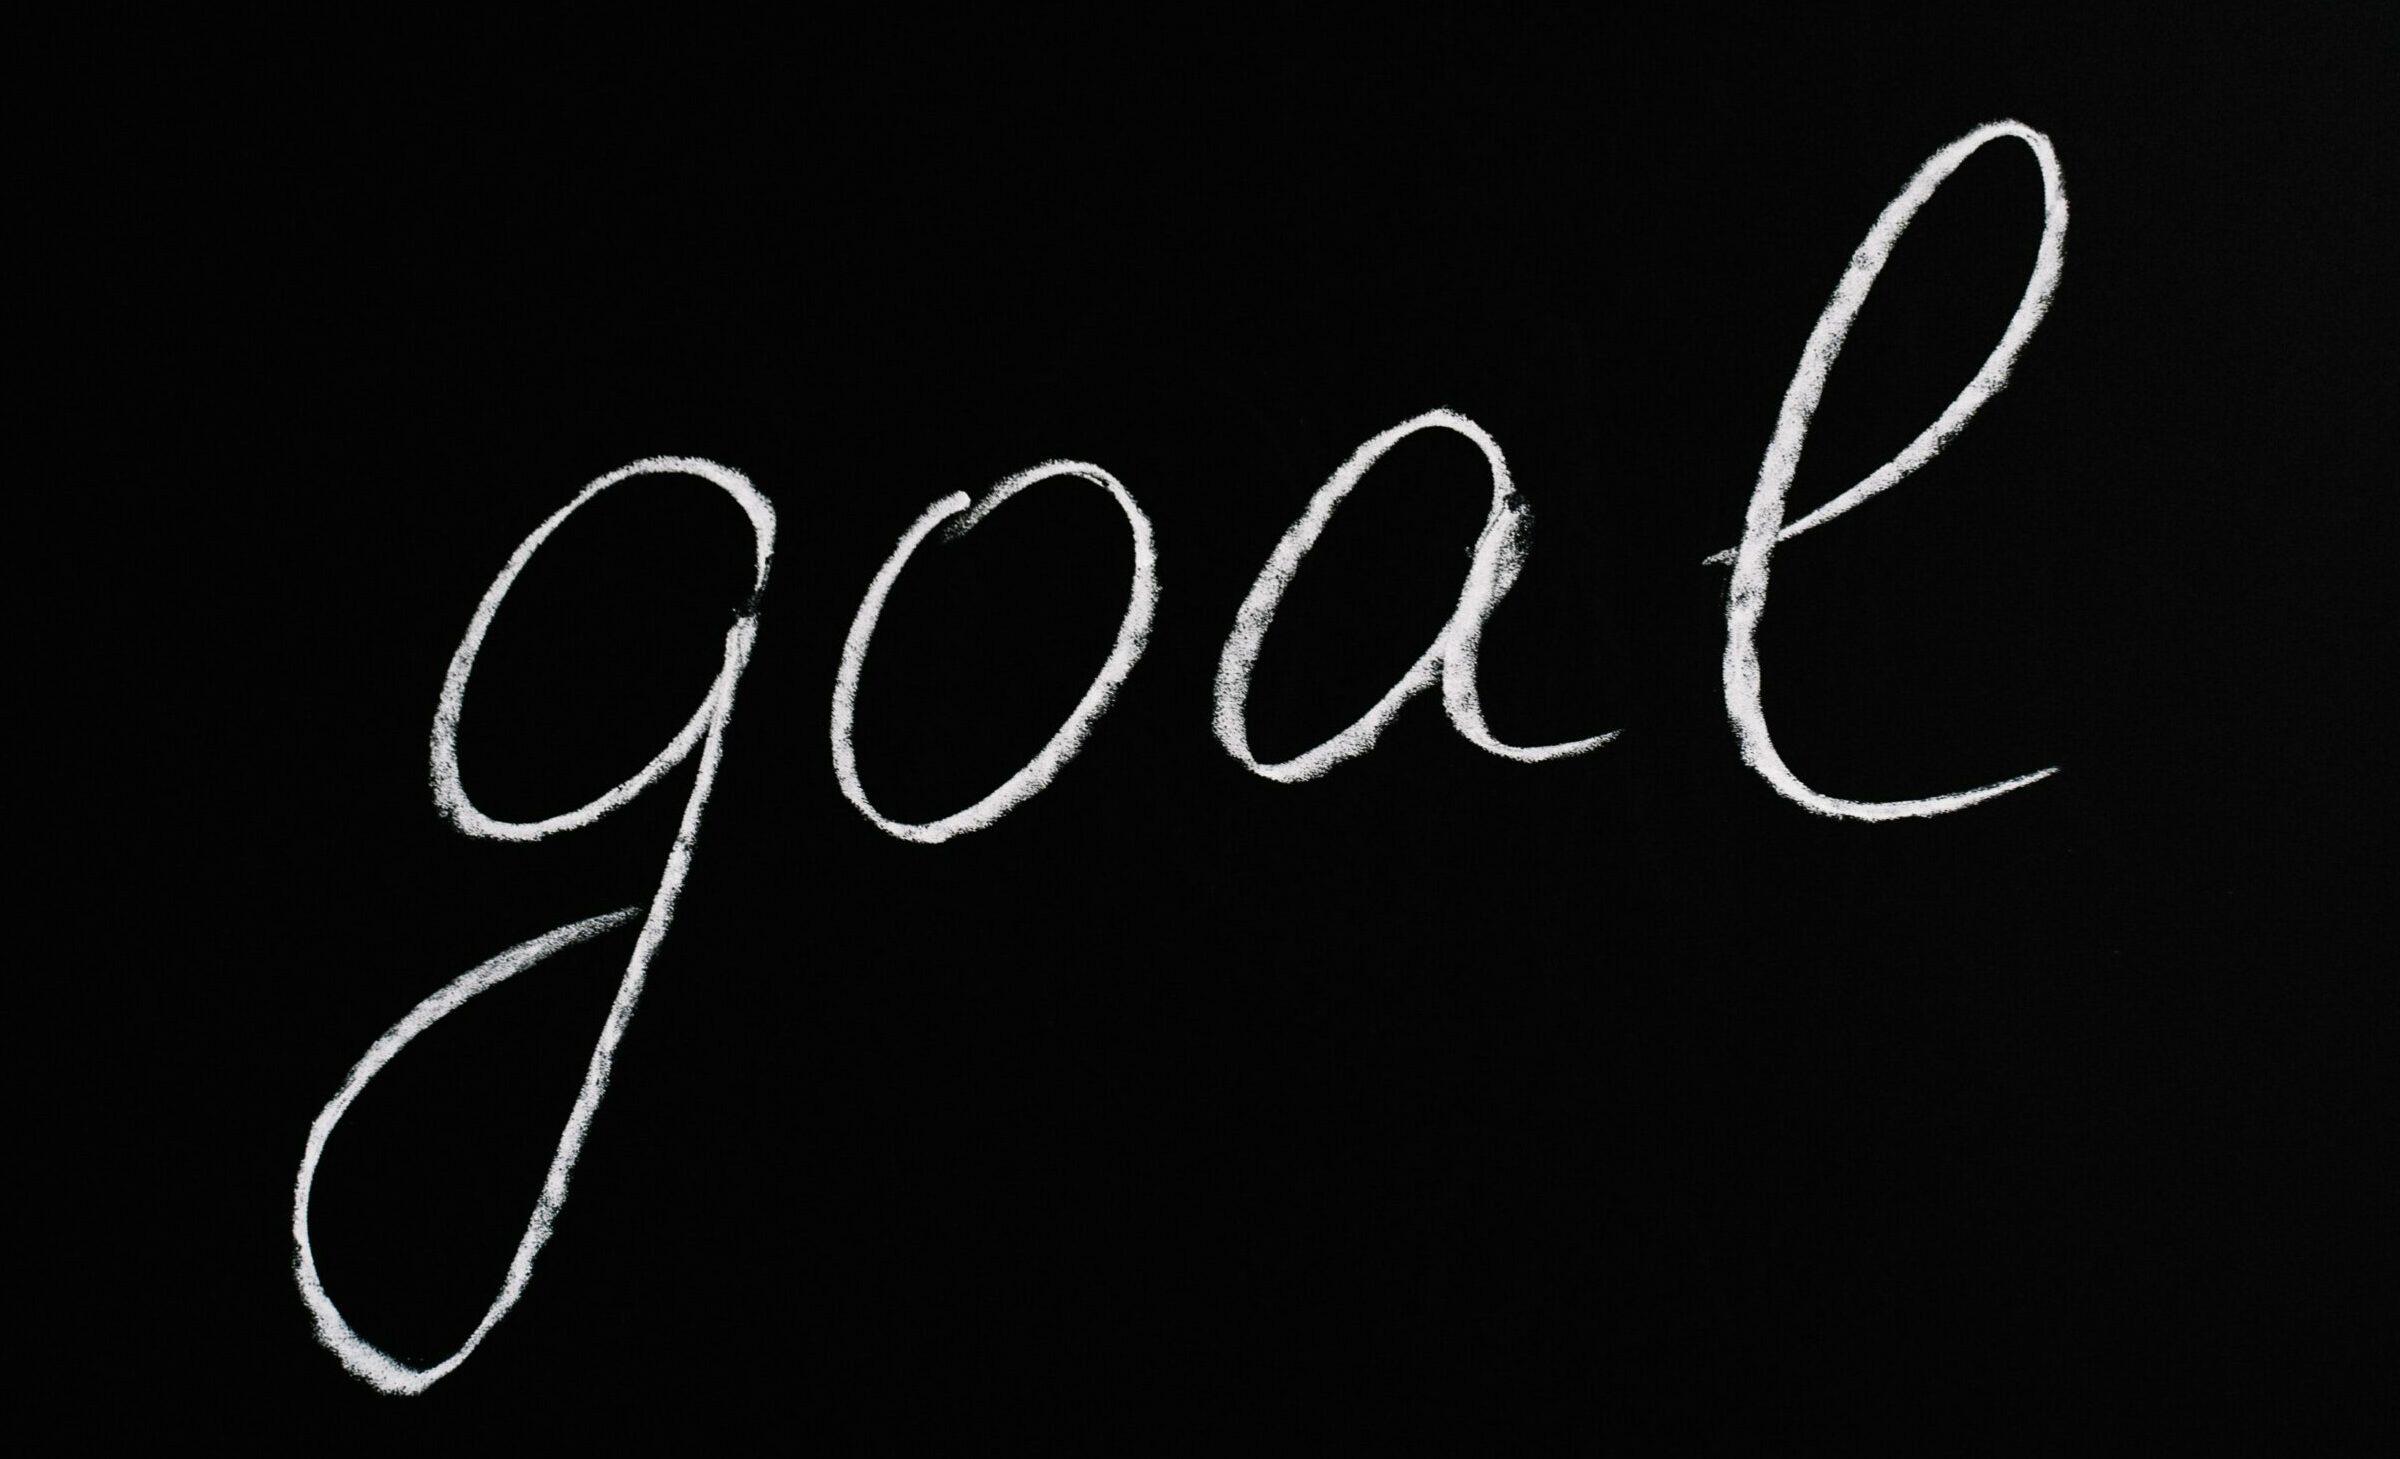 het woord 'goal' in krijt geschreven